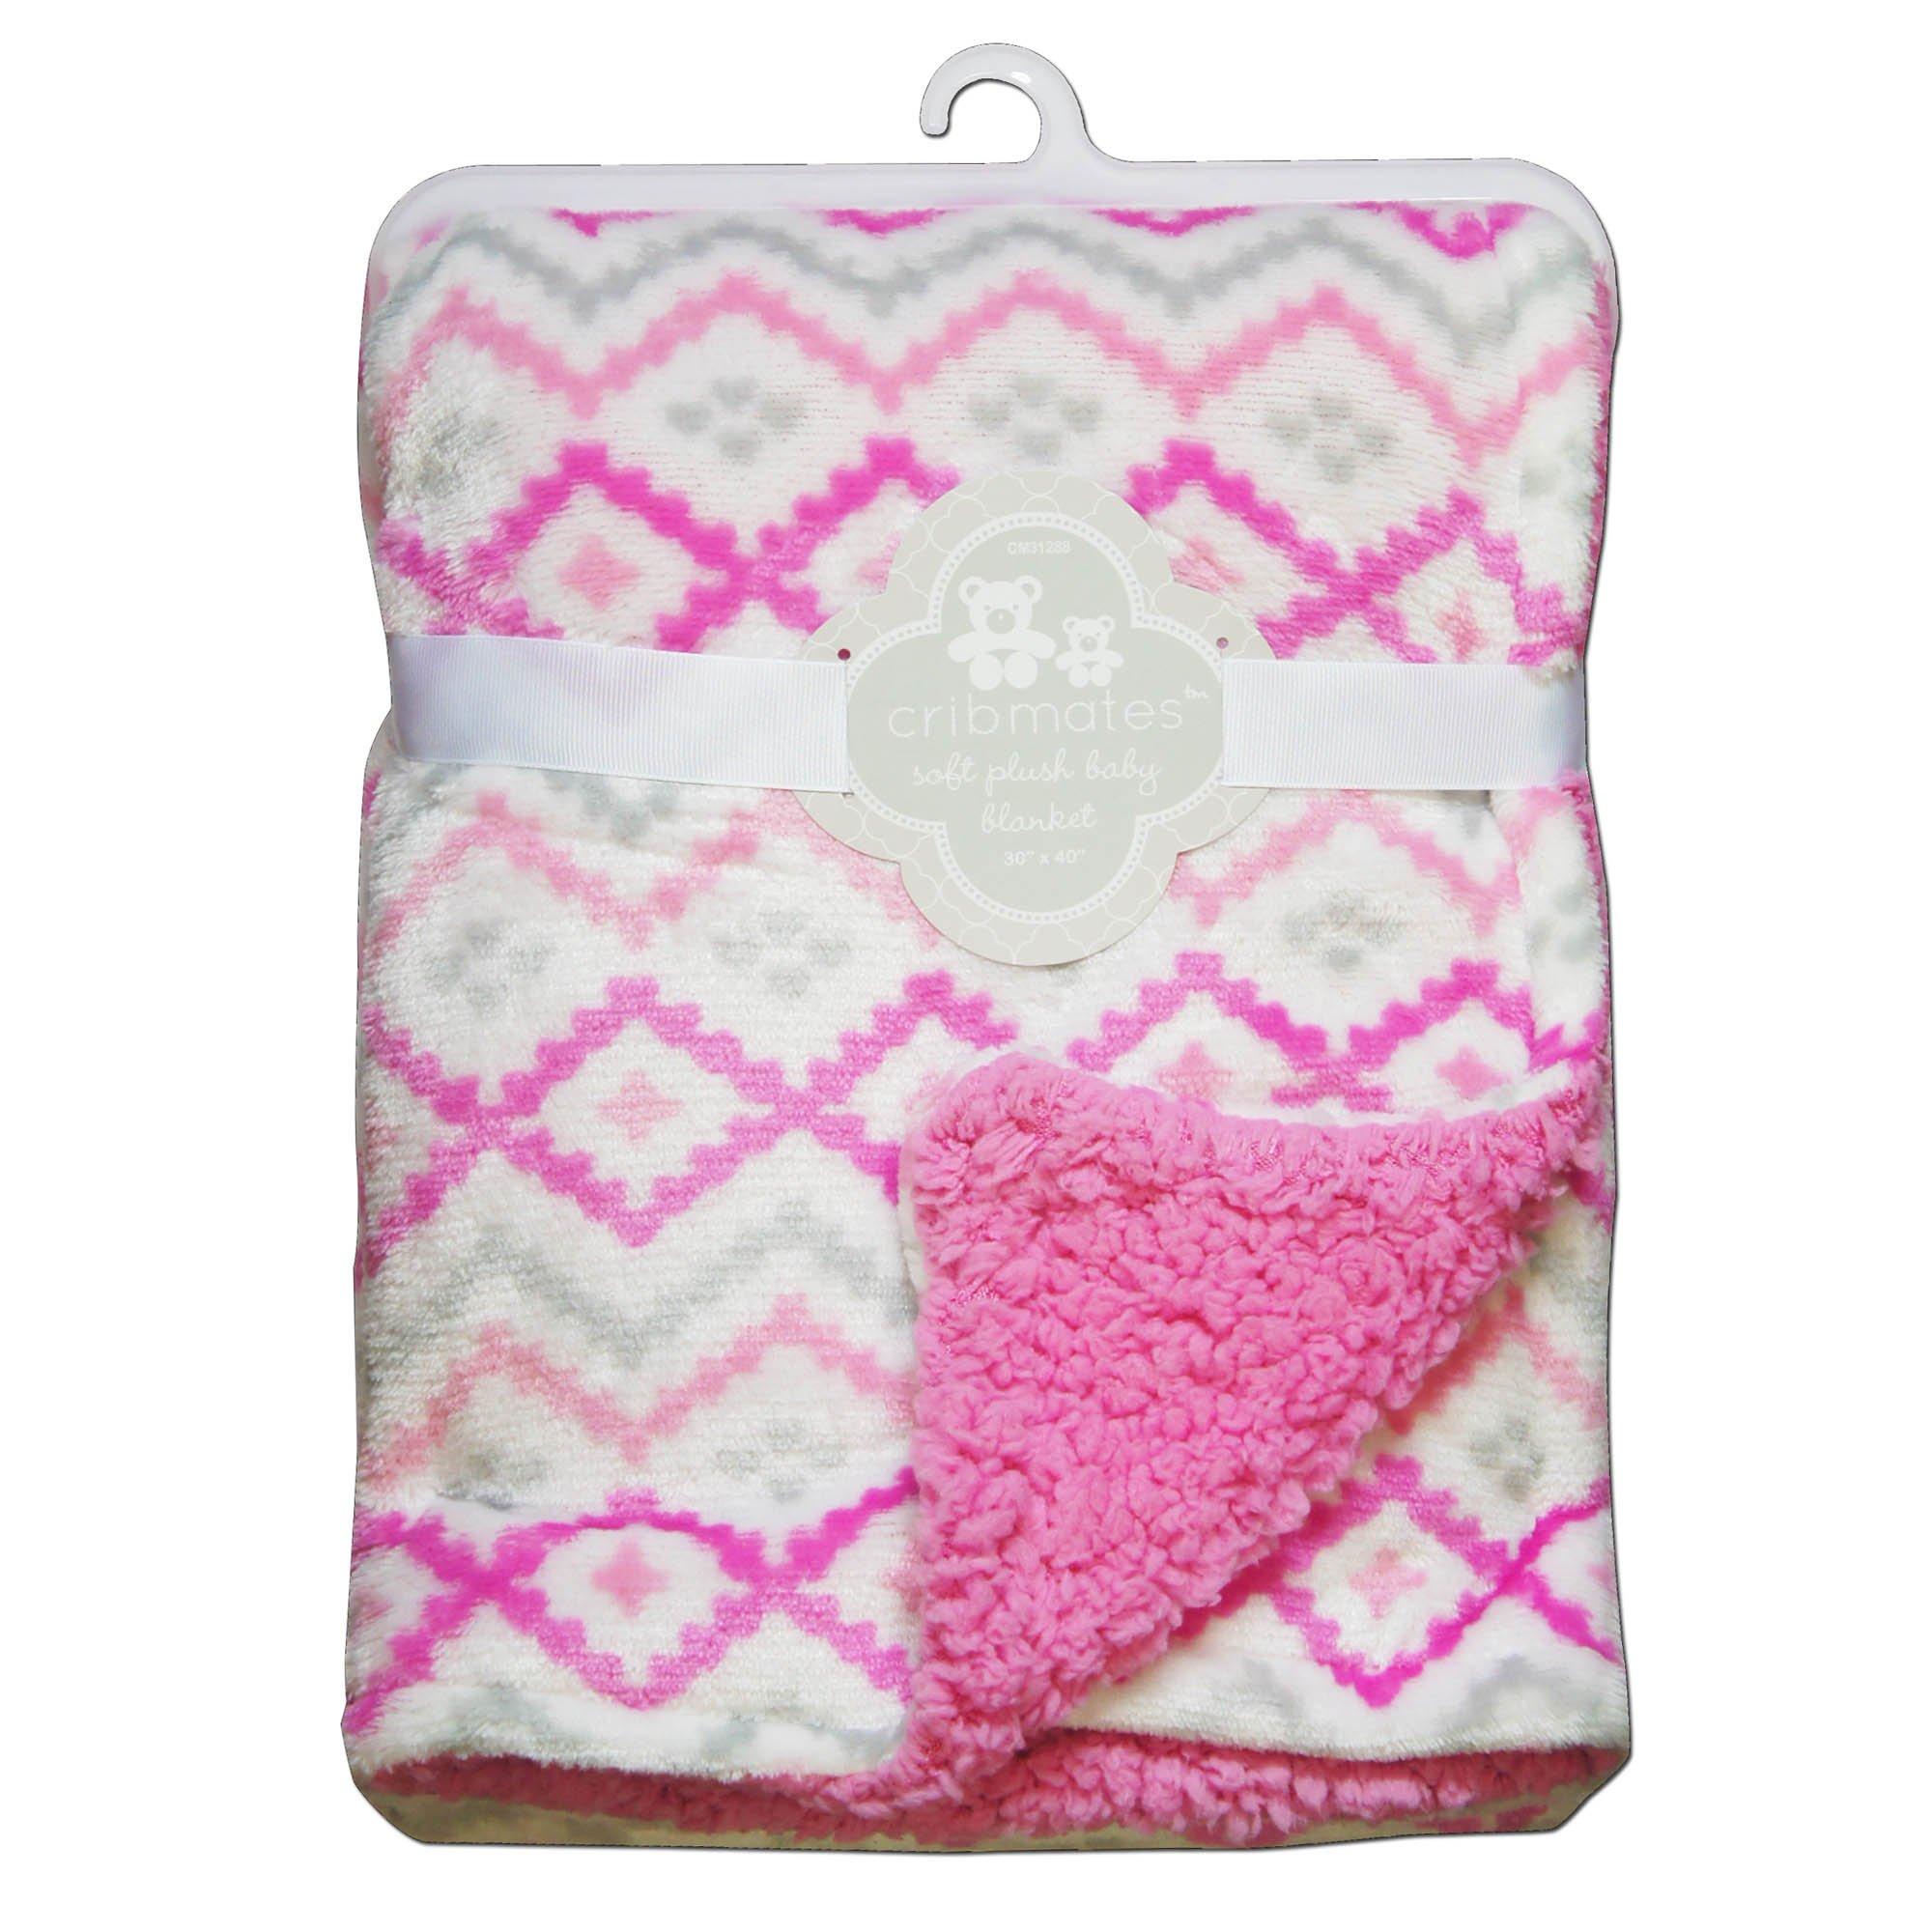 CRIBMATES Reversible Baby Girls Soft Plush Blanket Diamond Design